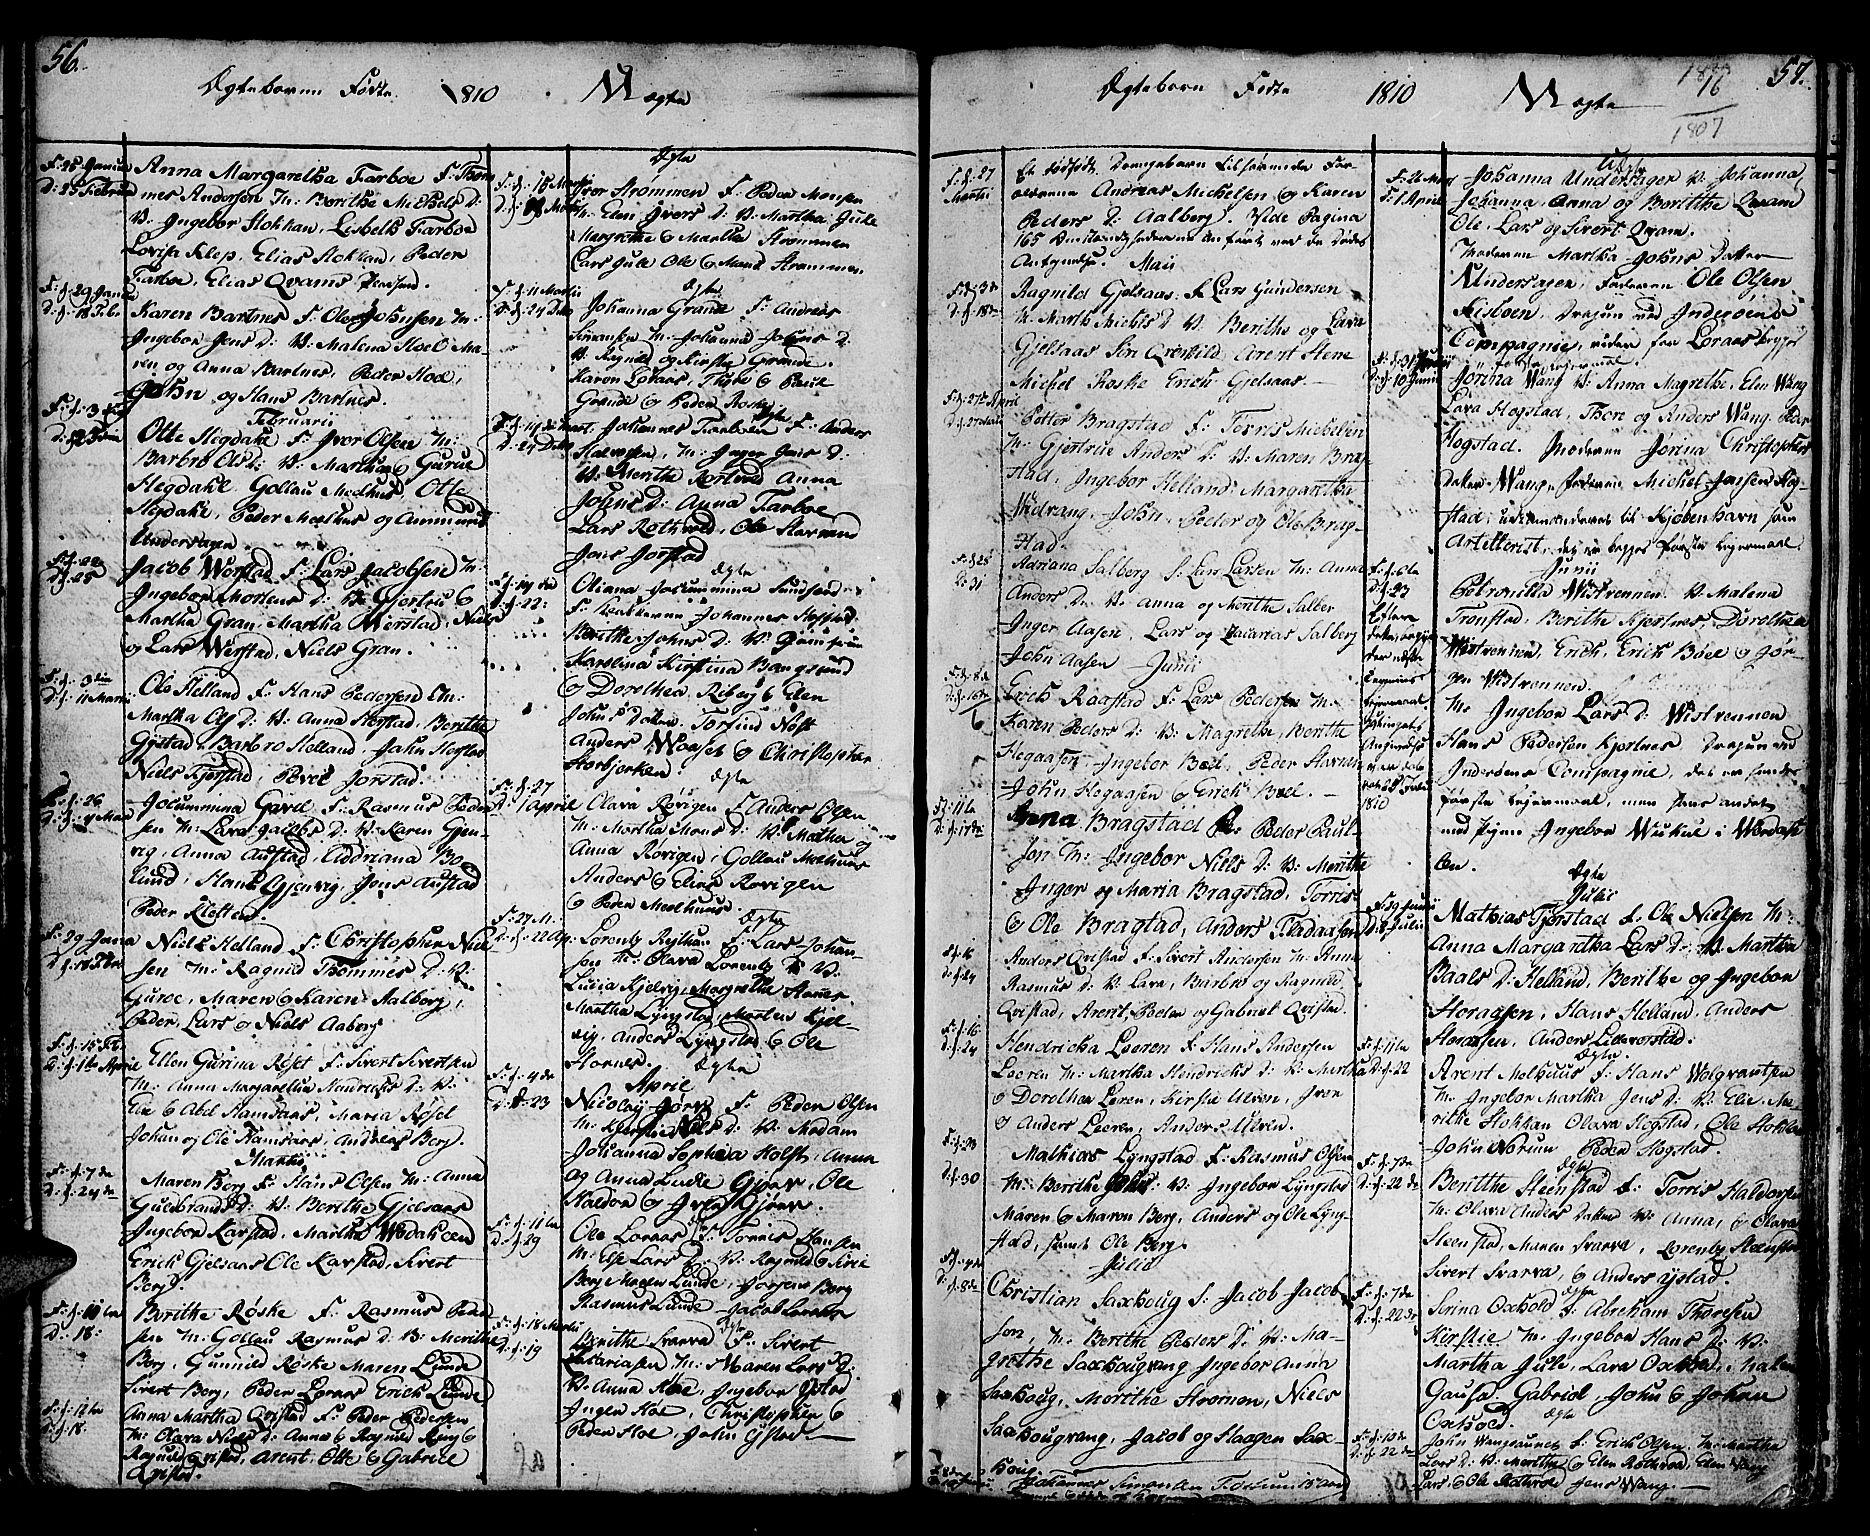 SAT, Ministerialprotokoller, klokkerbøker og fødselsregistre - Nord-Trøndelag, 730/L0274: Ministerialbok nr. 730A03, 1802-1816, s. 56-57